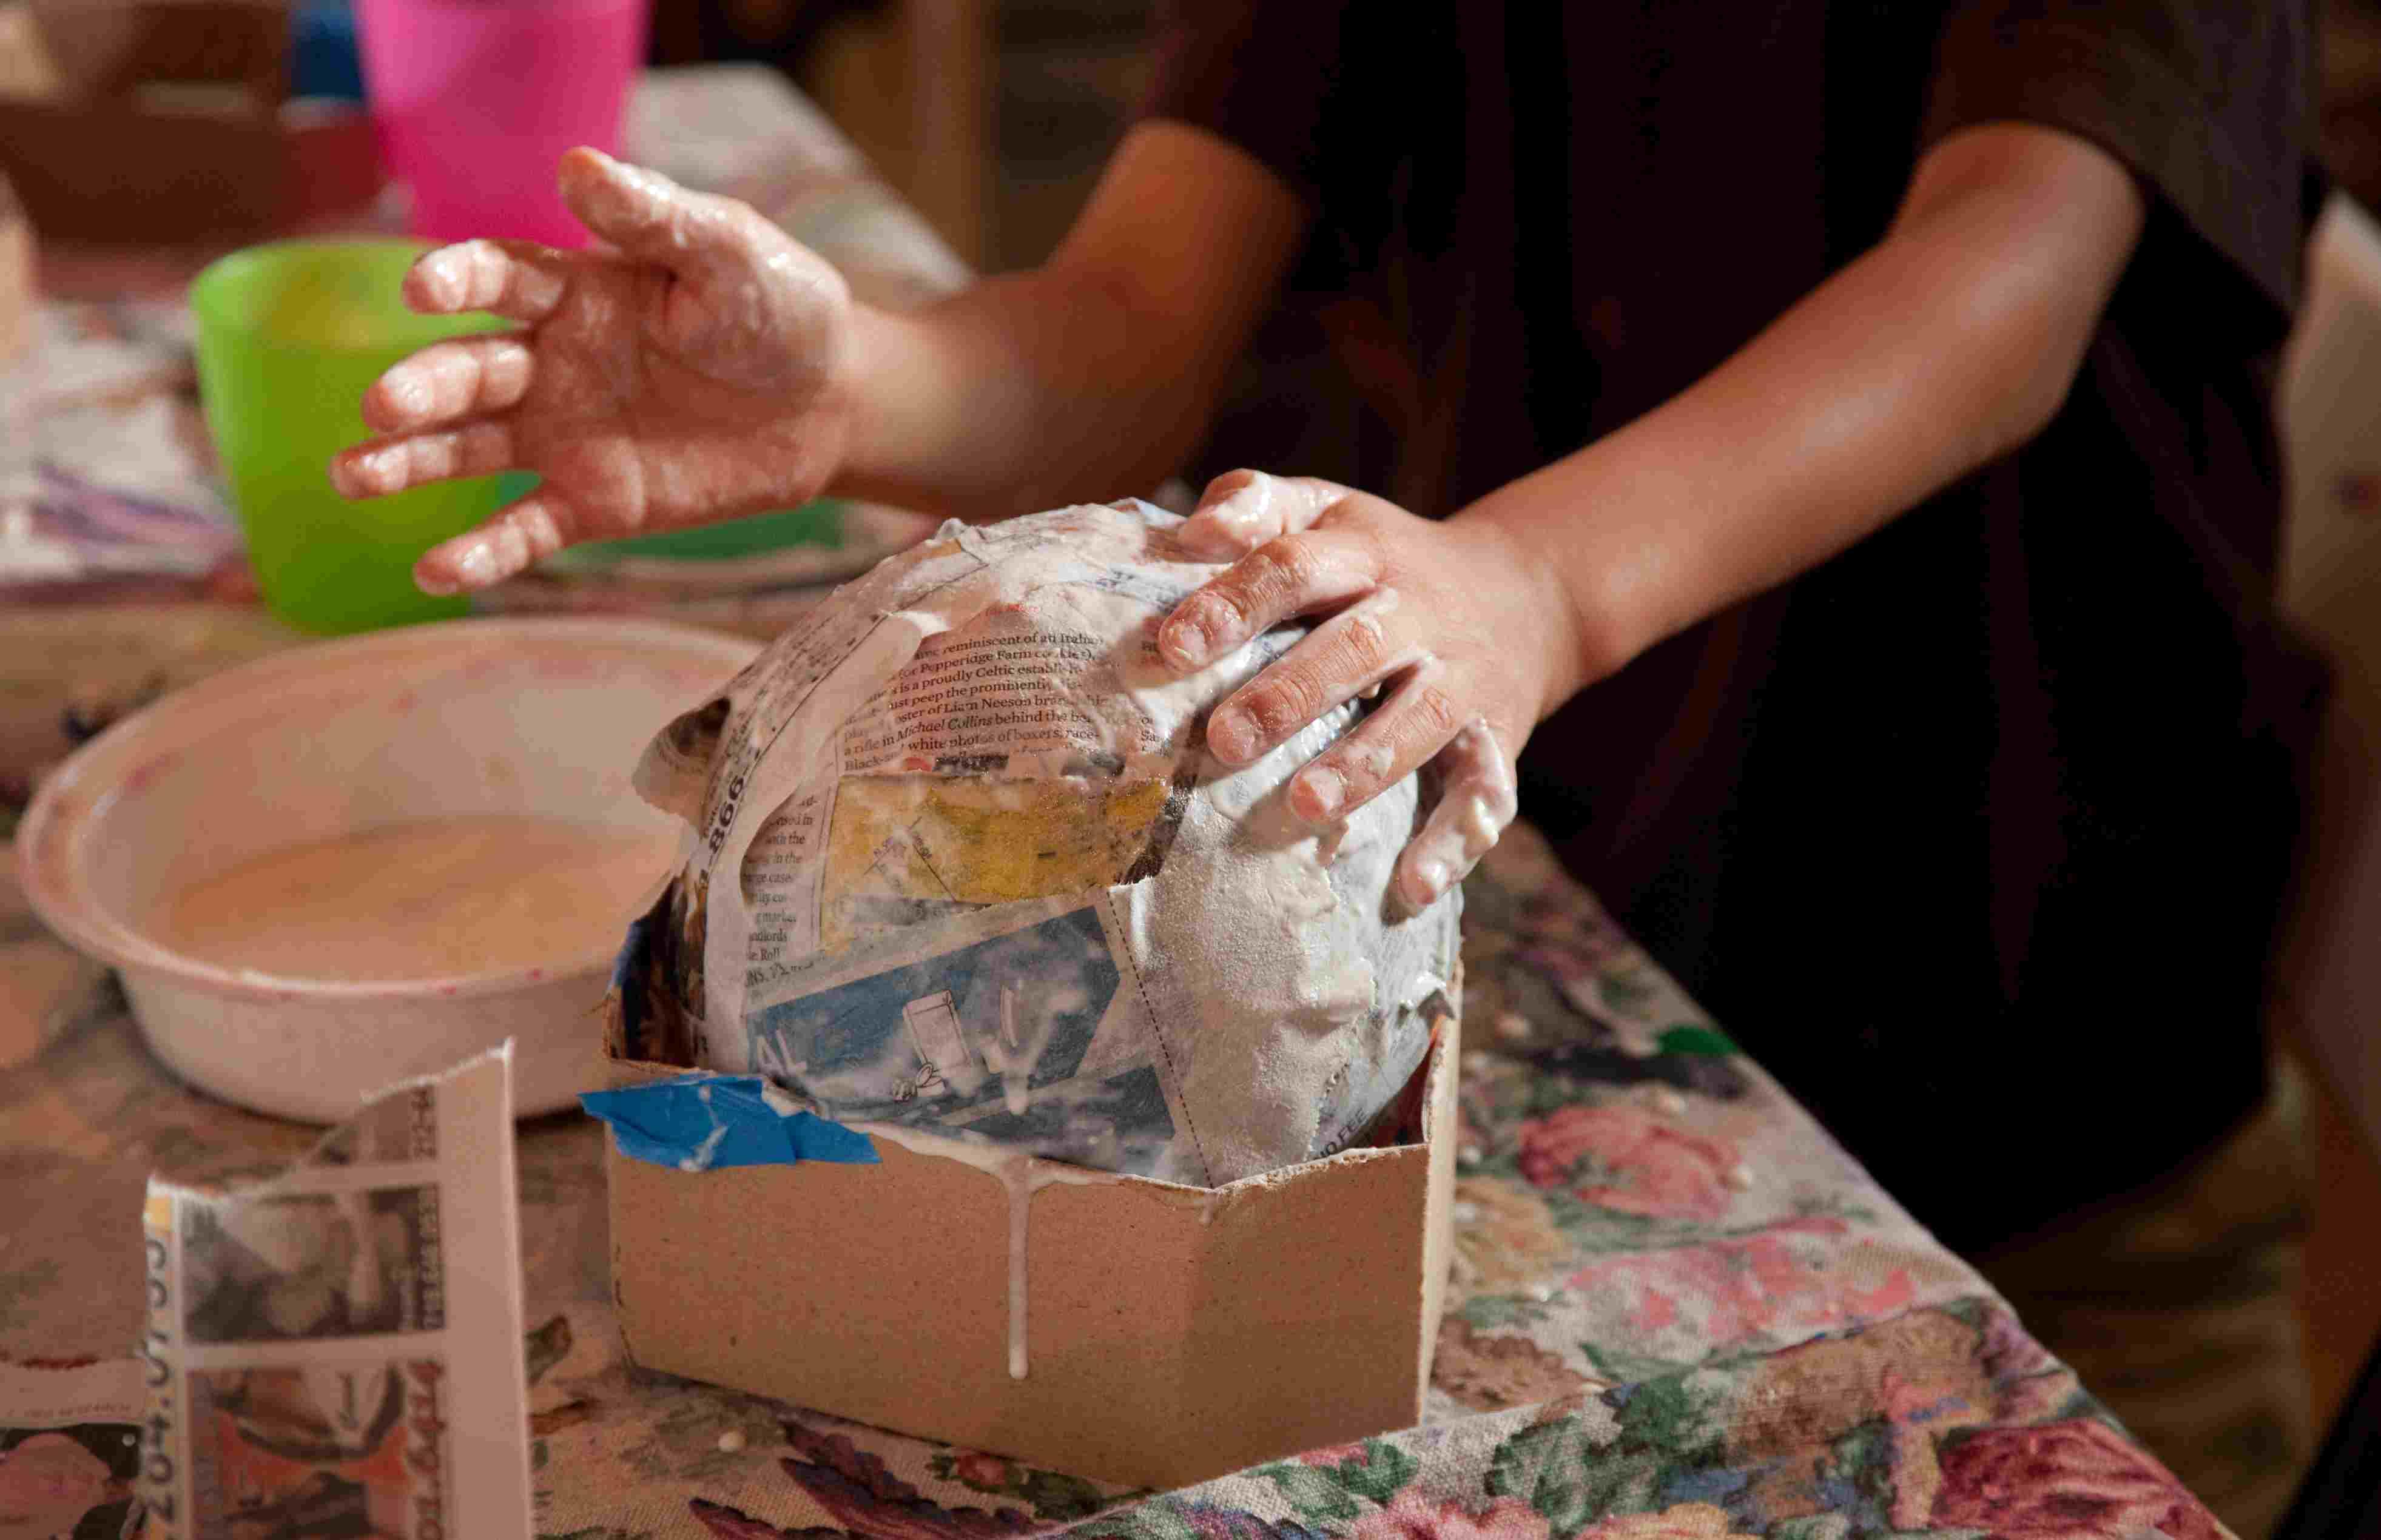 Paper mache paste